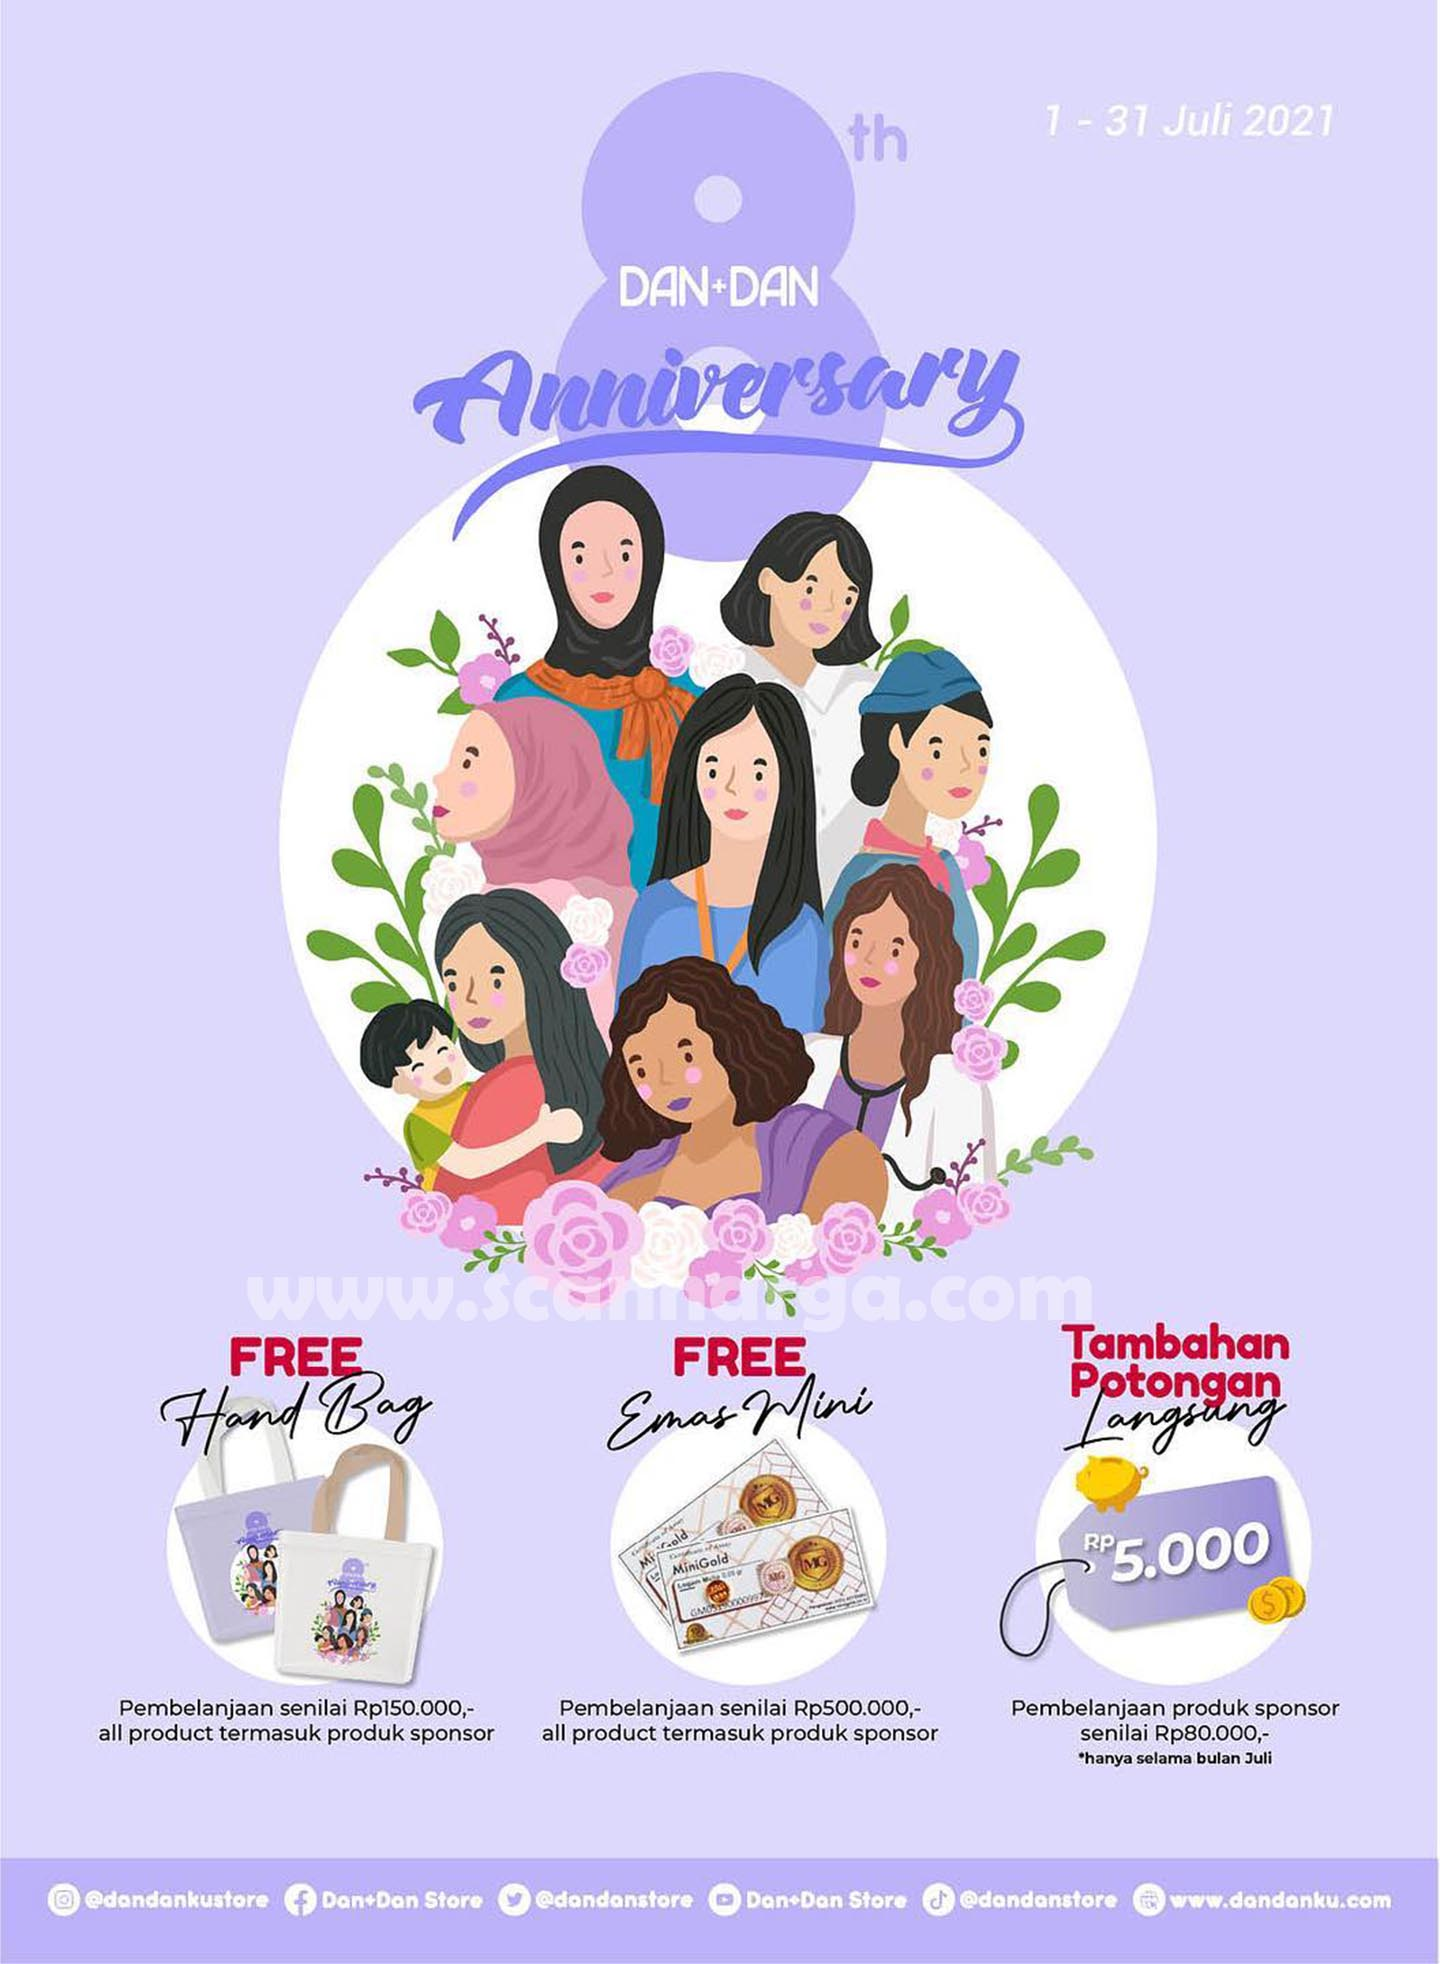 Katalog Promo Harga DAN+DAN Terbaru Periode 1 - 31 Juli 2021